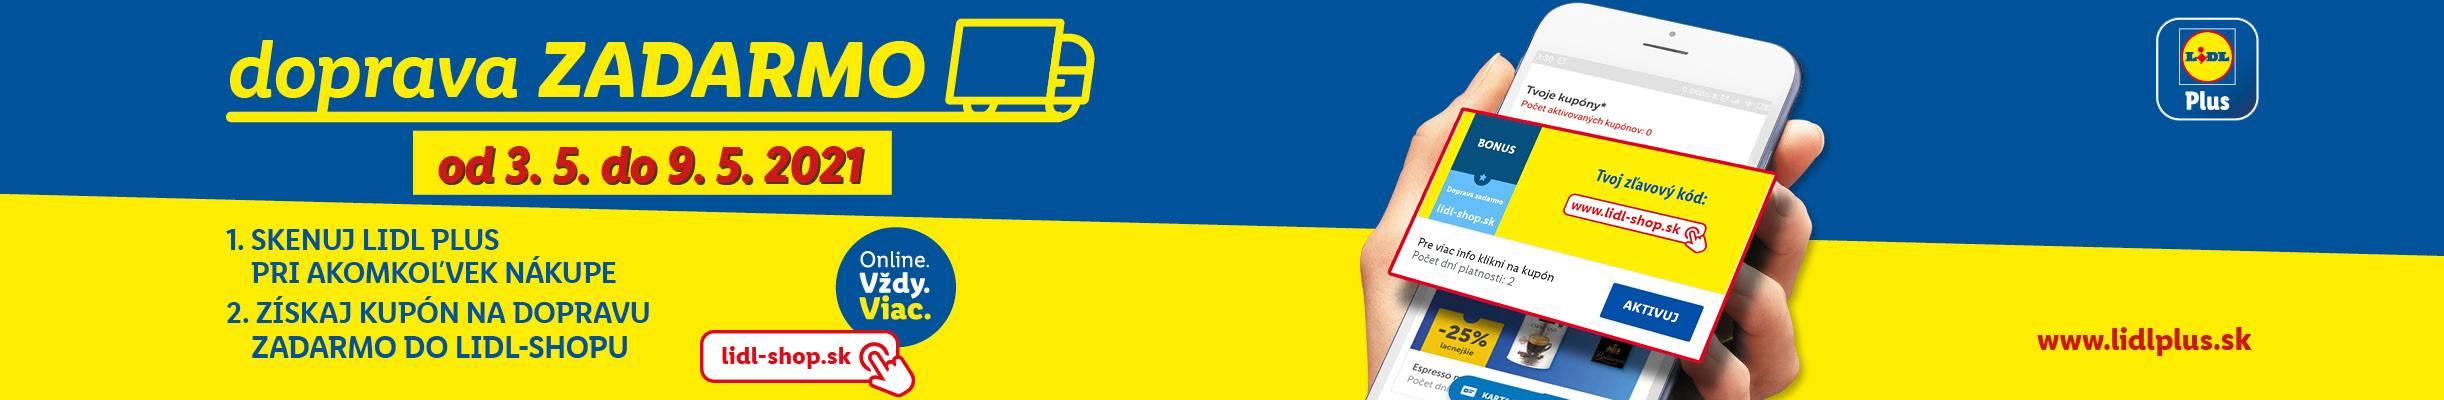 Skenuj Lidl Plus a získaj Dopravu zadarmo v Lidl-Shope